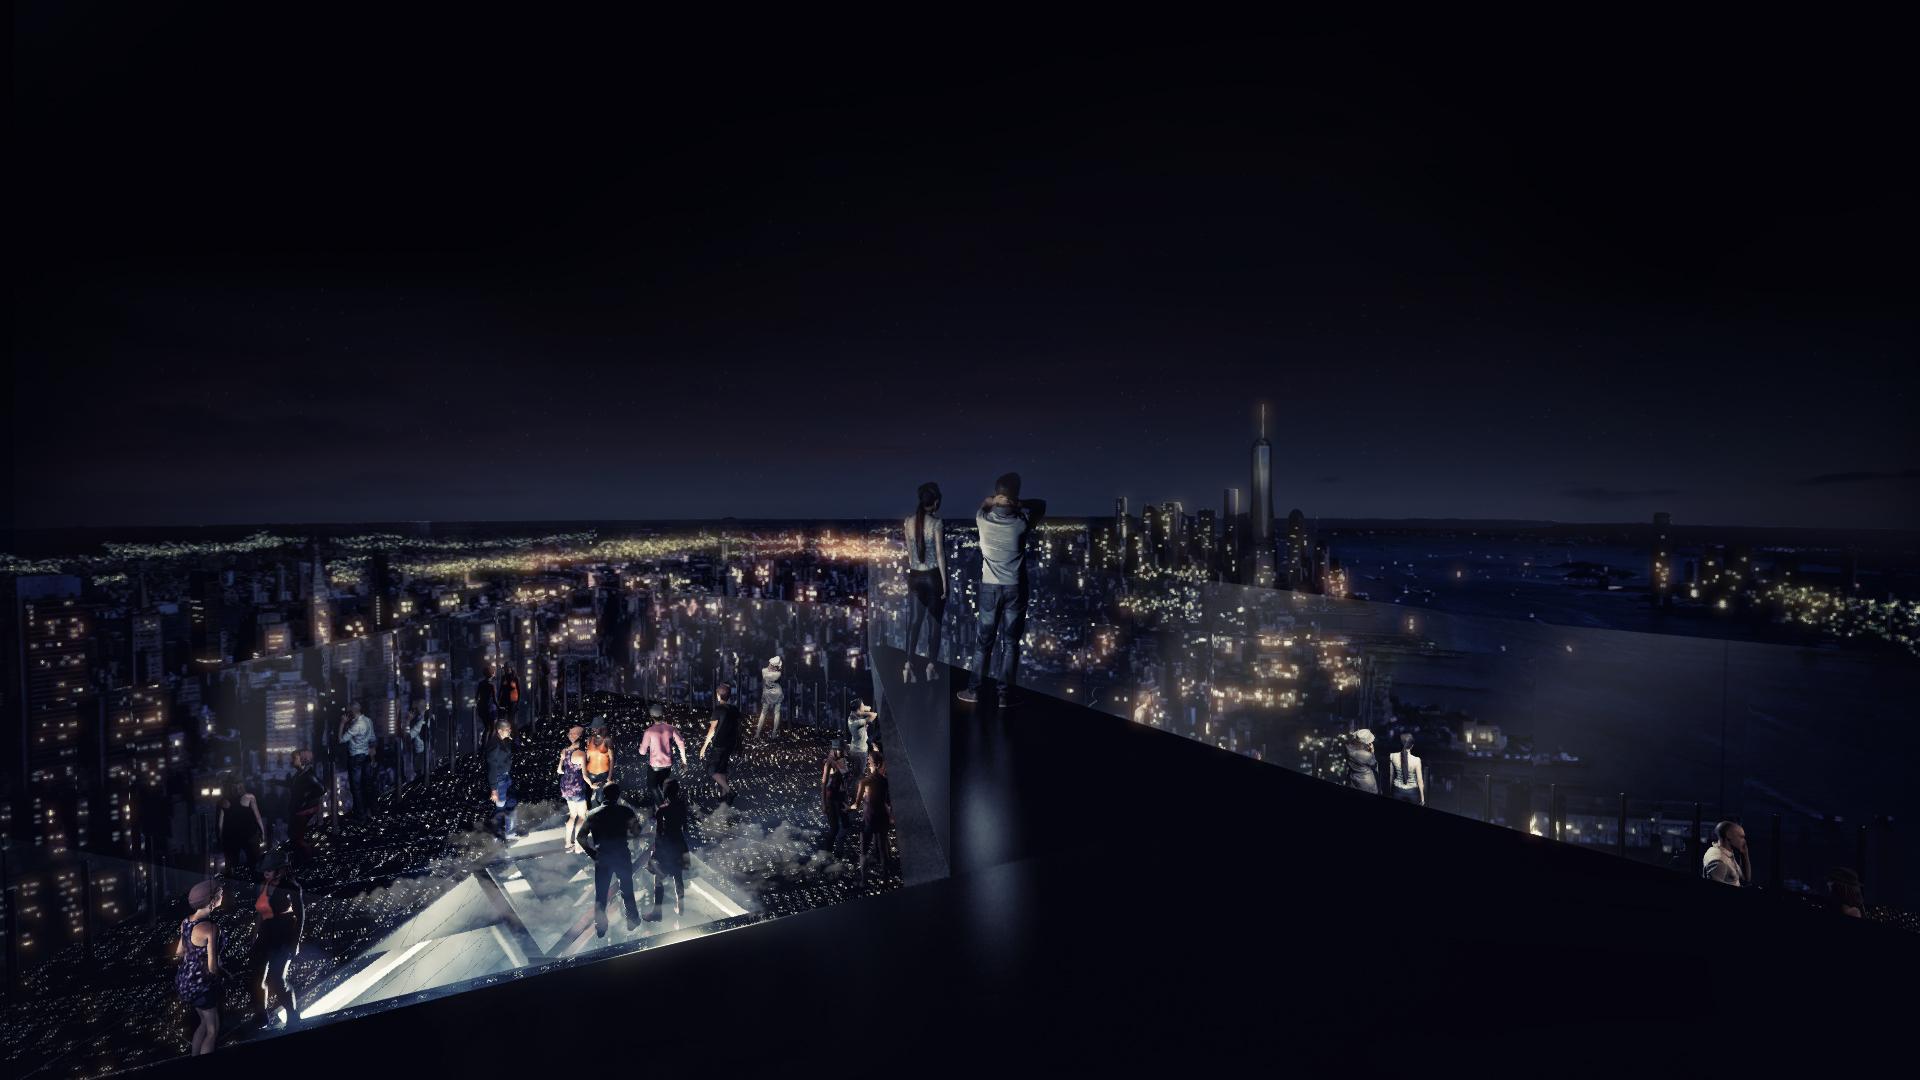 WEDGE STAIR AT NIGHT.jpg